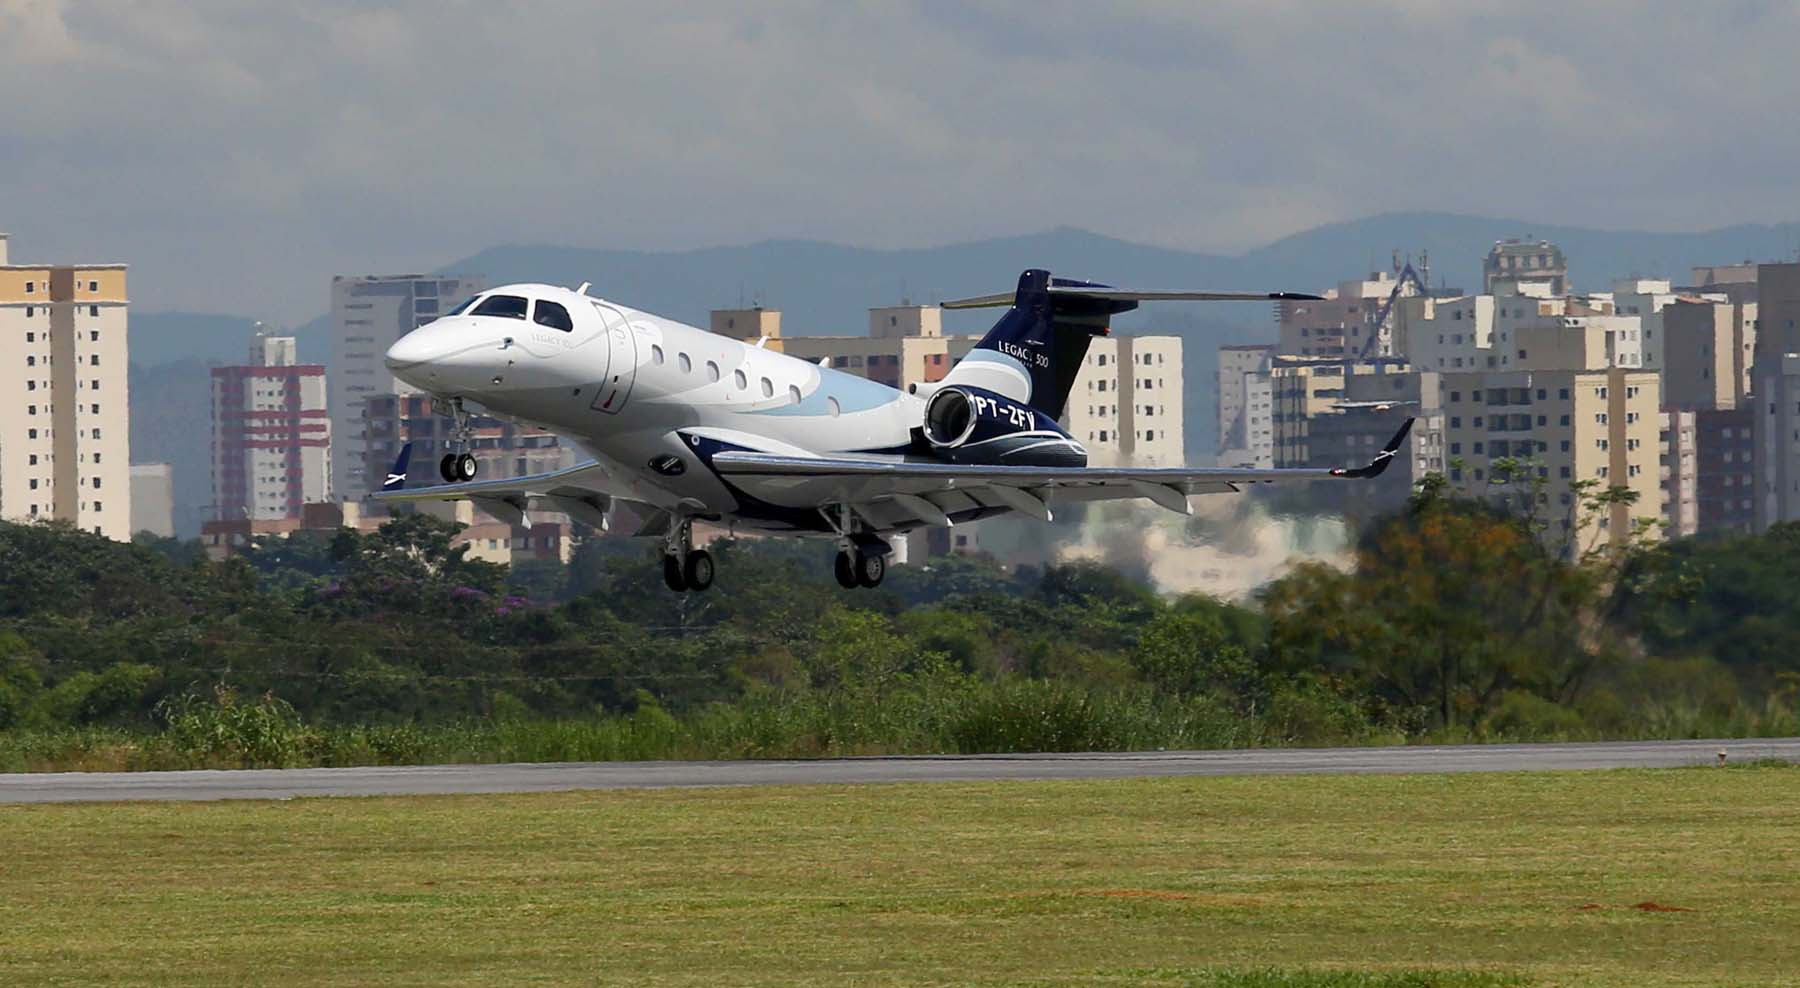 [Brasil] Embraer seleciona aeroporto da Flórida para fazer aviões Voa-terceiro-prot%C3%B3tipo-do-Legacy-500-foto-Embraer